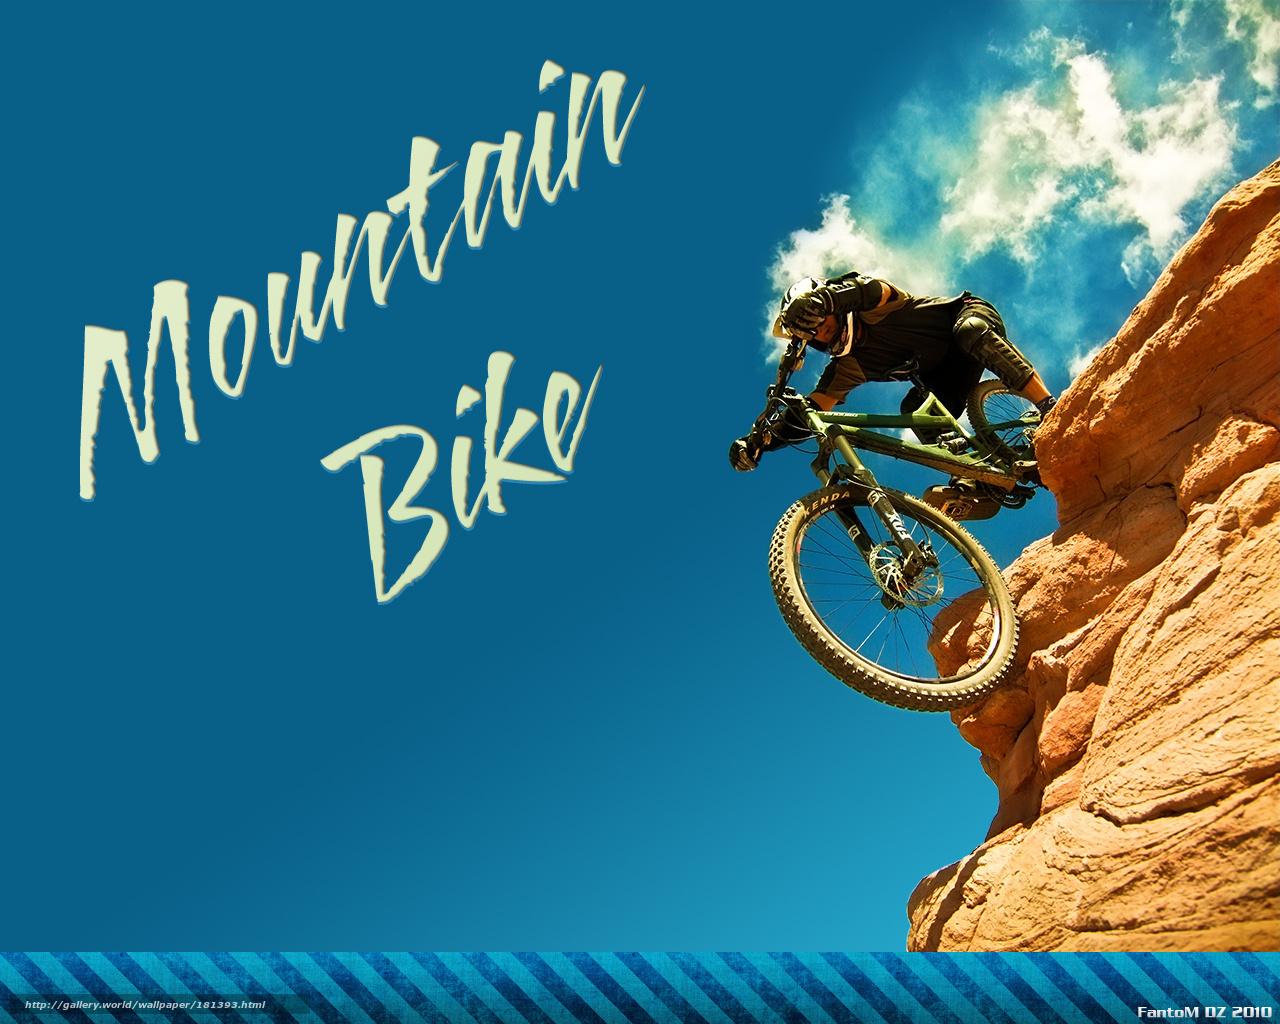 Bike freeride desktop wallpaper in the resolution 1280x1024 1280x1024